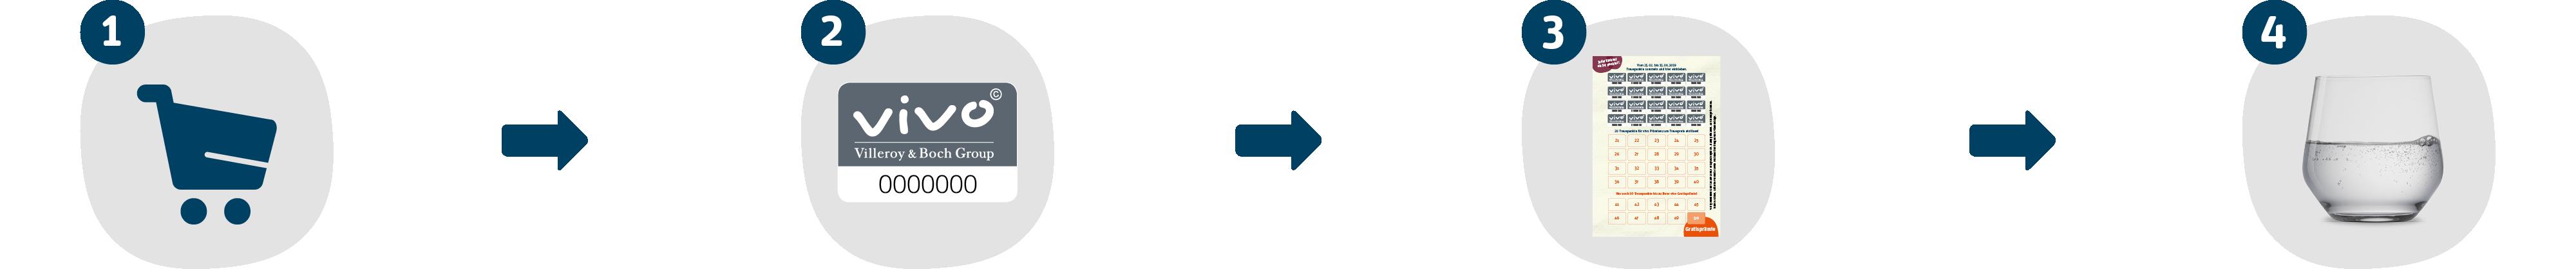 Icons zur Erklärung der Treueaktion